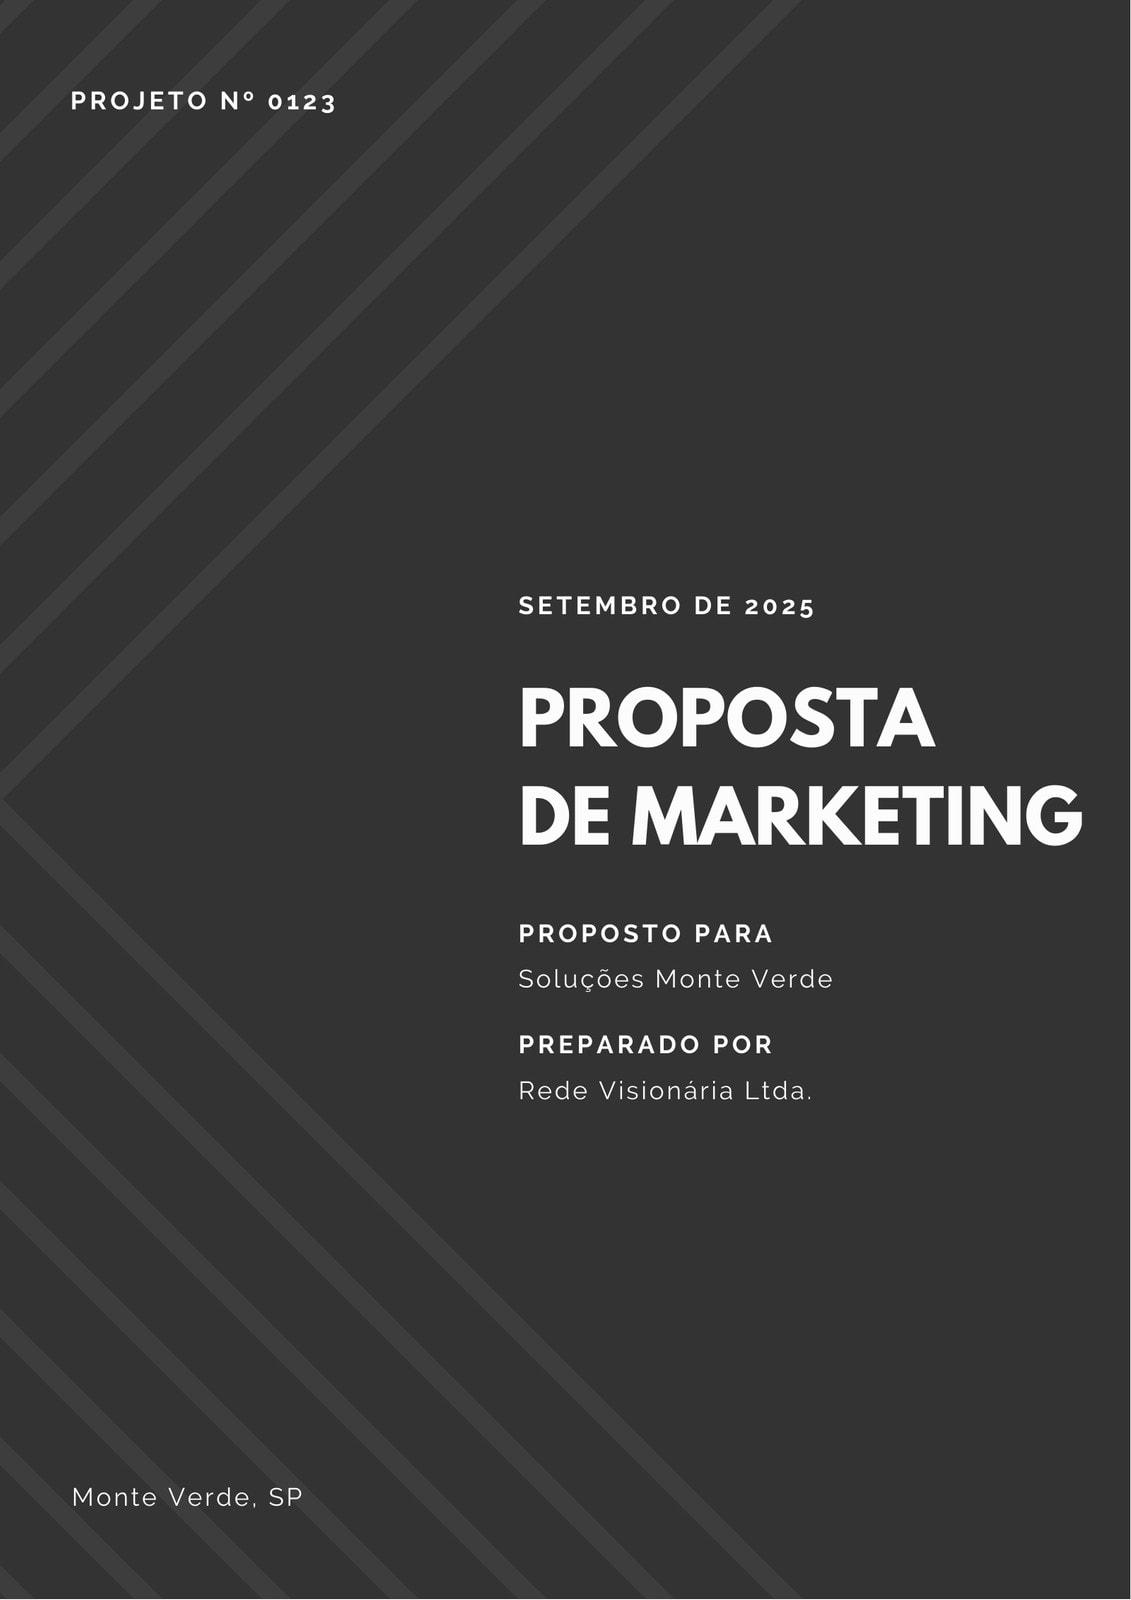 Preto e Branco Linhas Diagonais Marketing Proposta